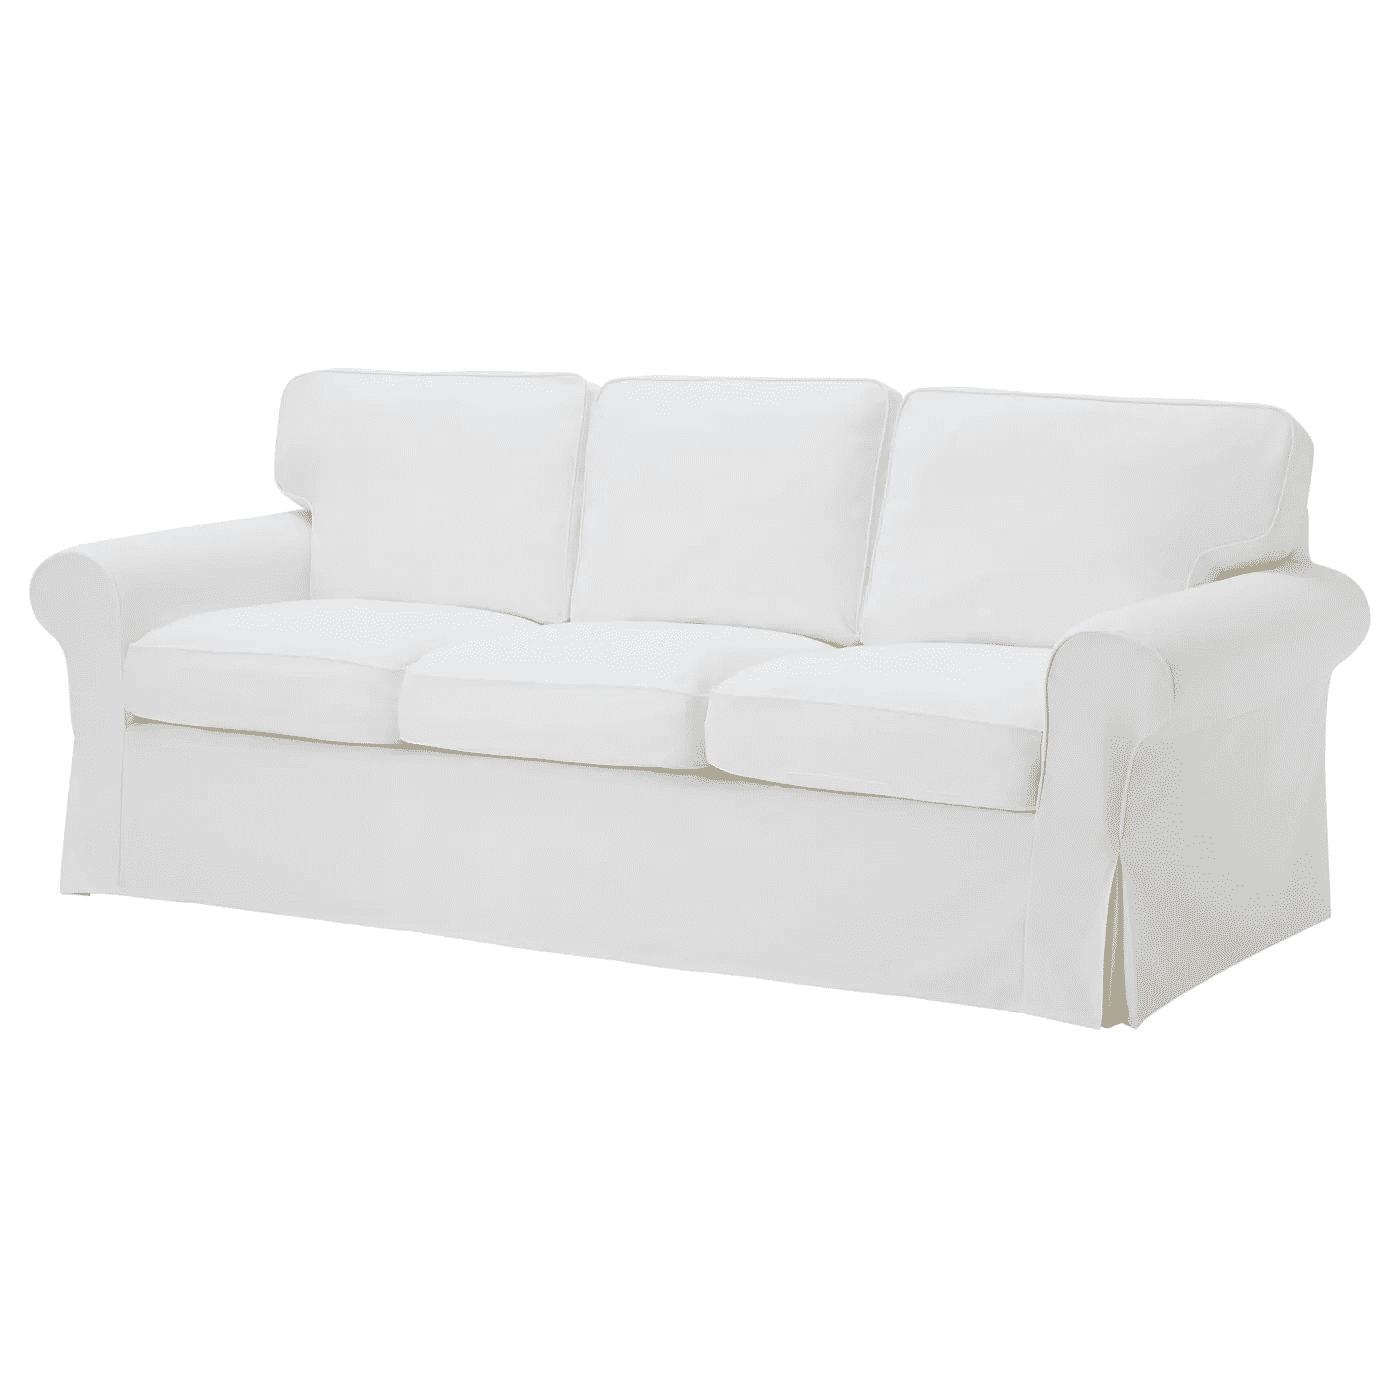 EXTROP 3.5 Seat Sofa